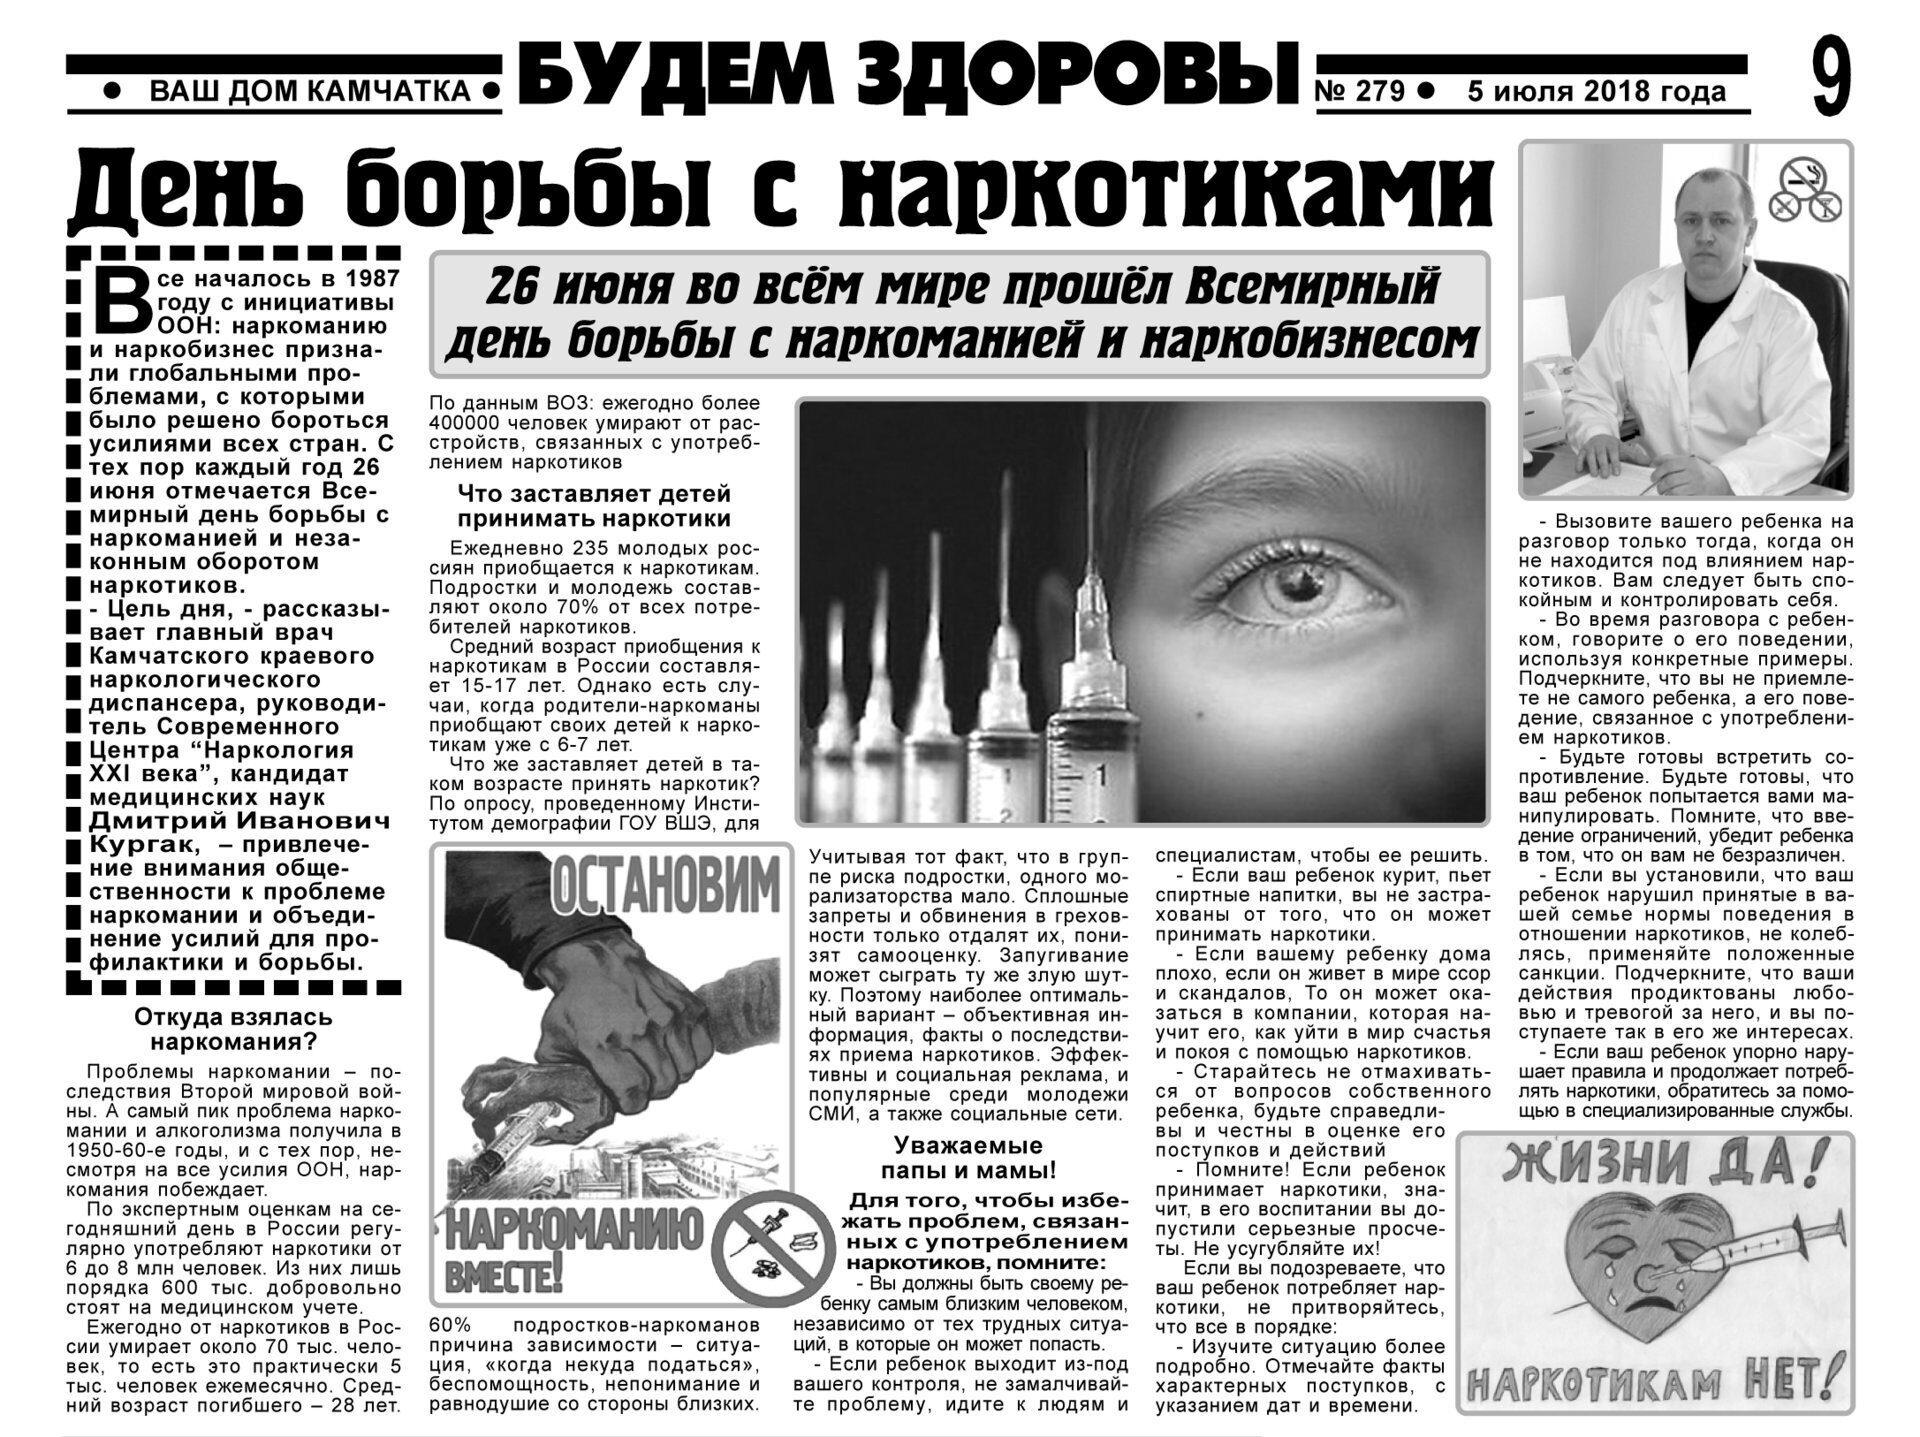 Публикация в газете Ваш Дом Камчатка №279